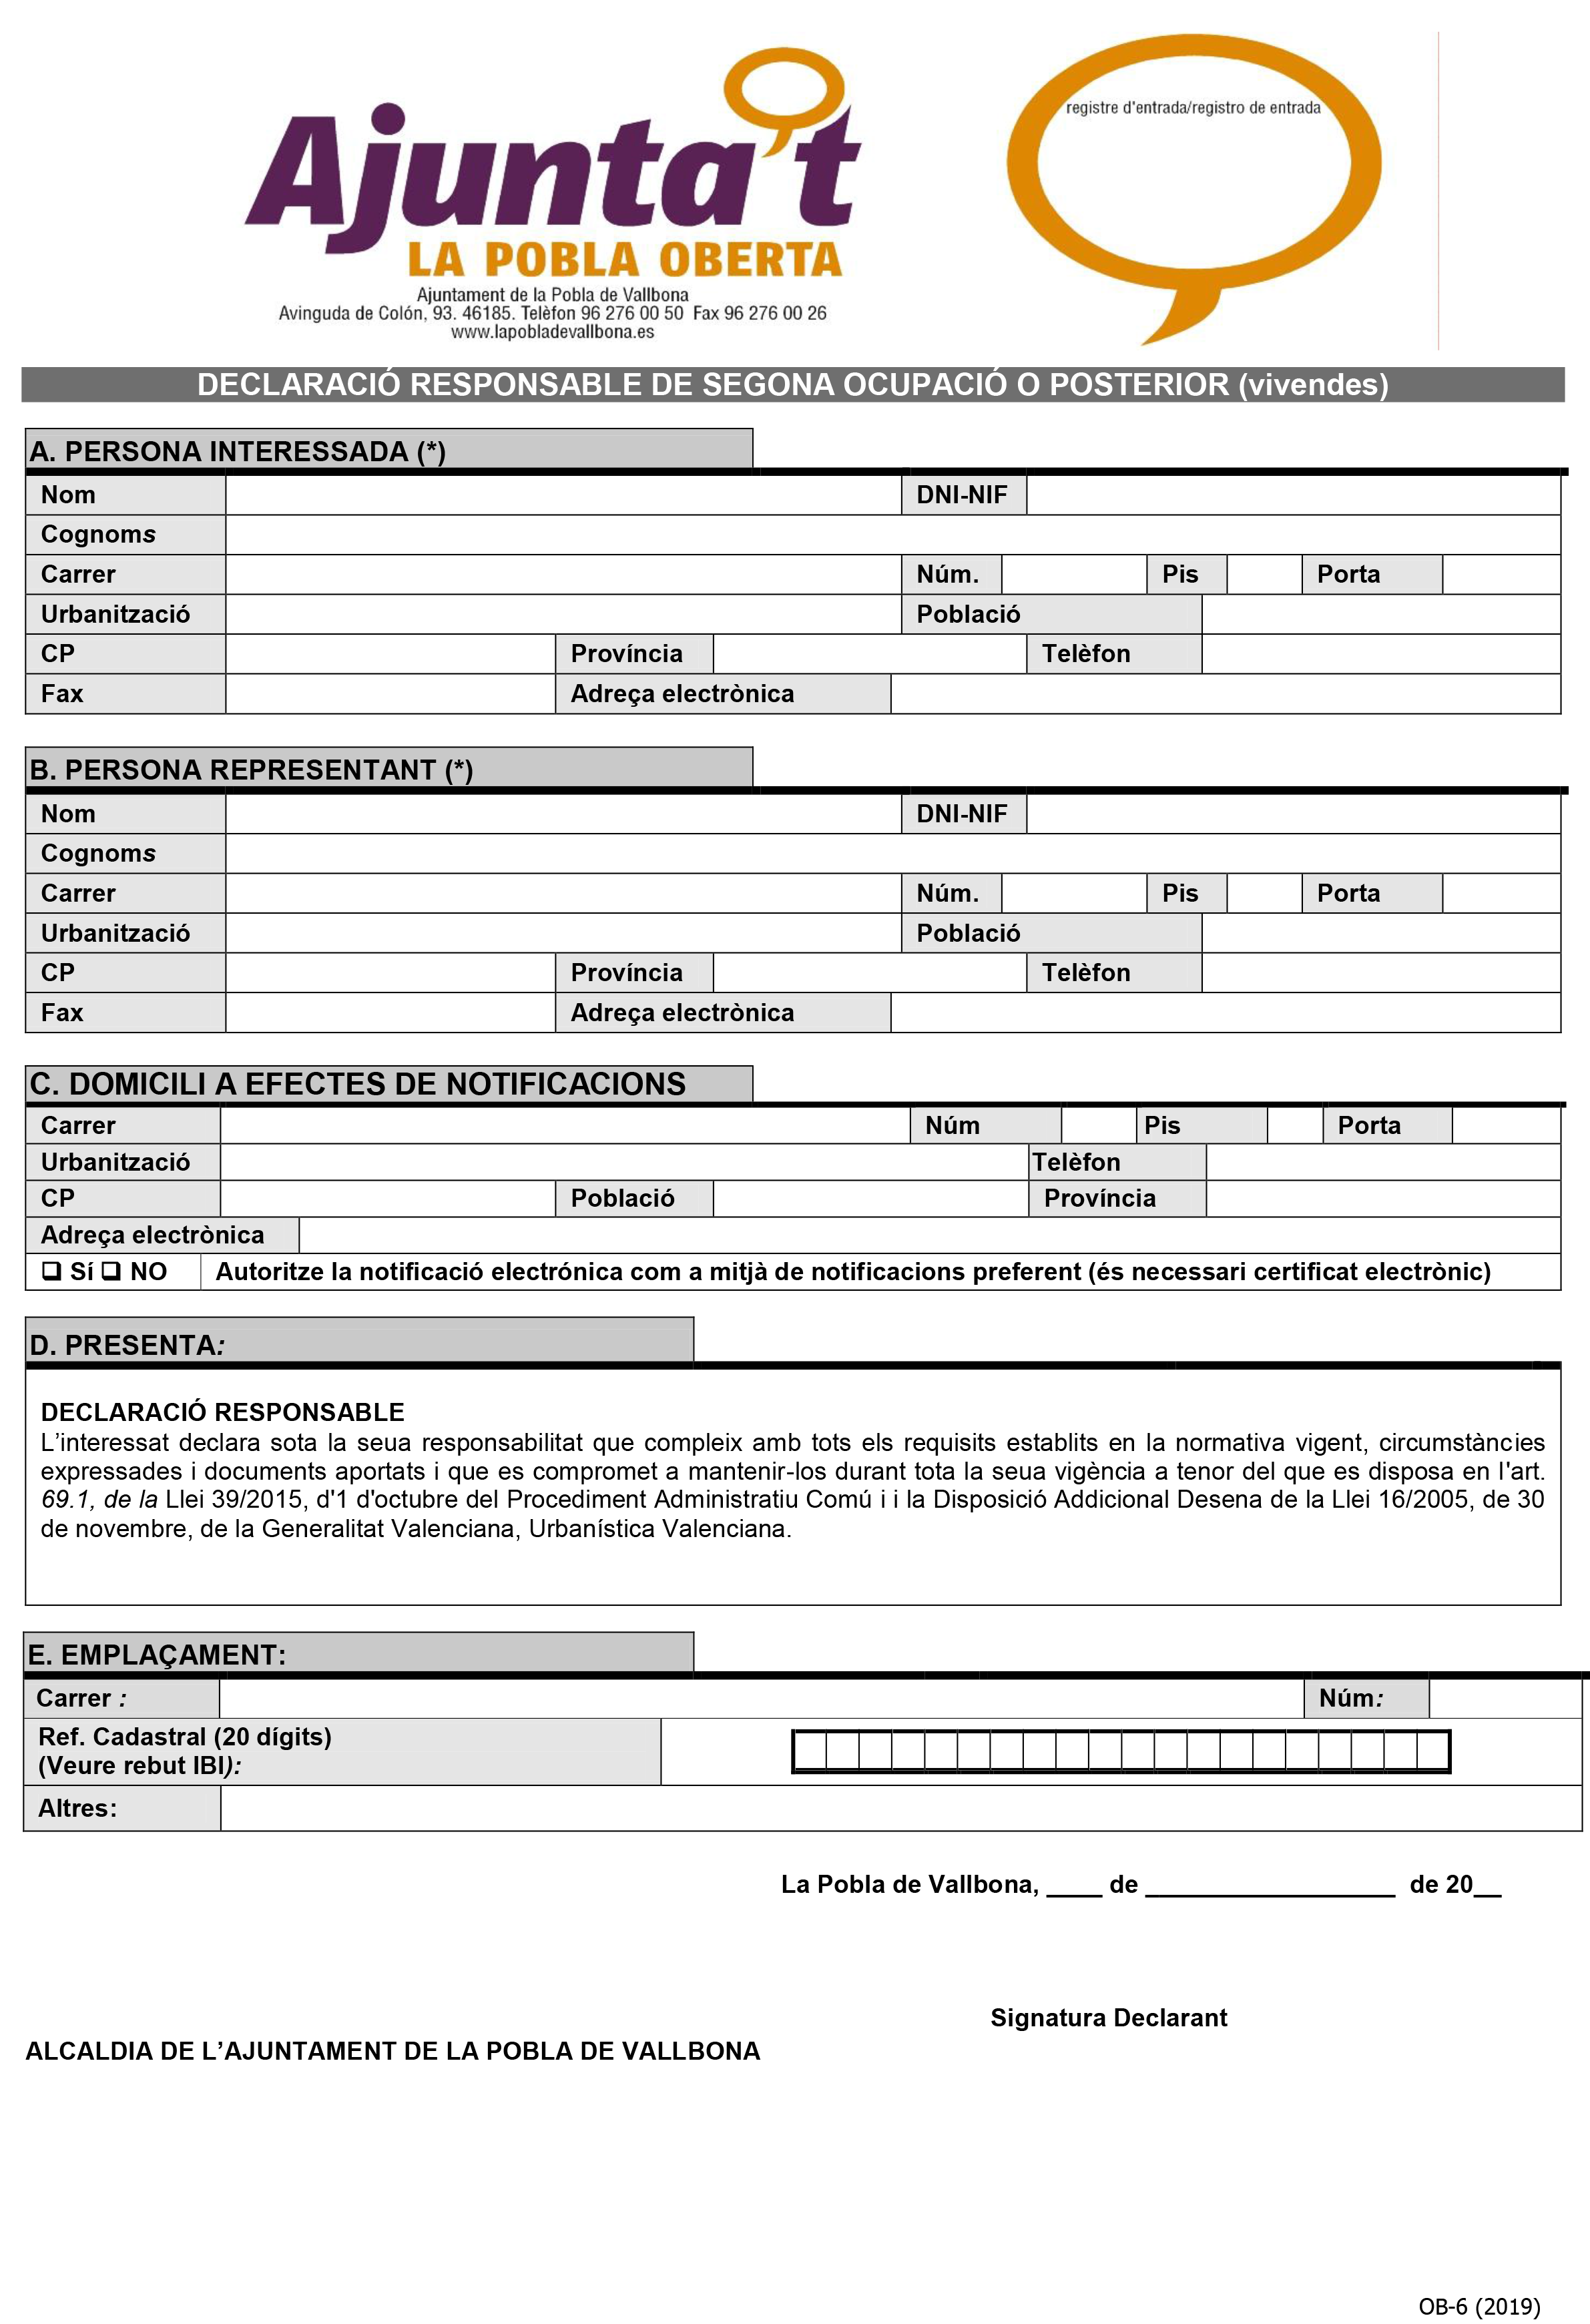 Impreso Declaración Responsable Segunda Ocupación - Pobla de Vallbona-1